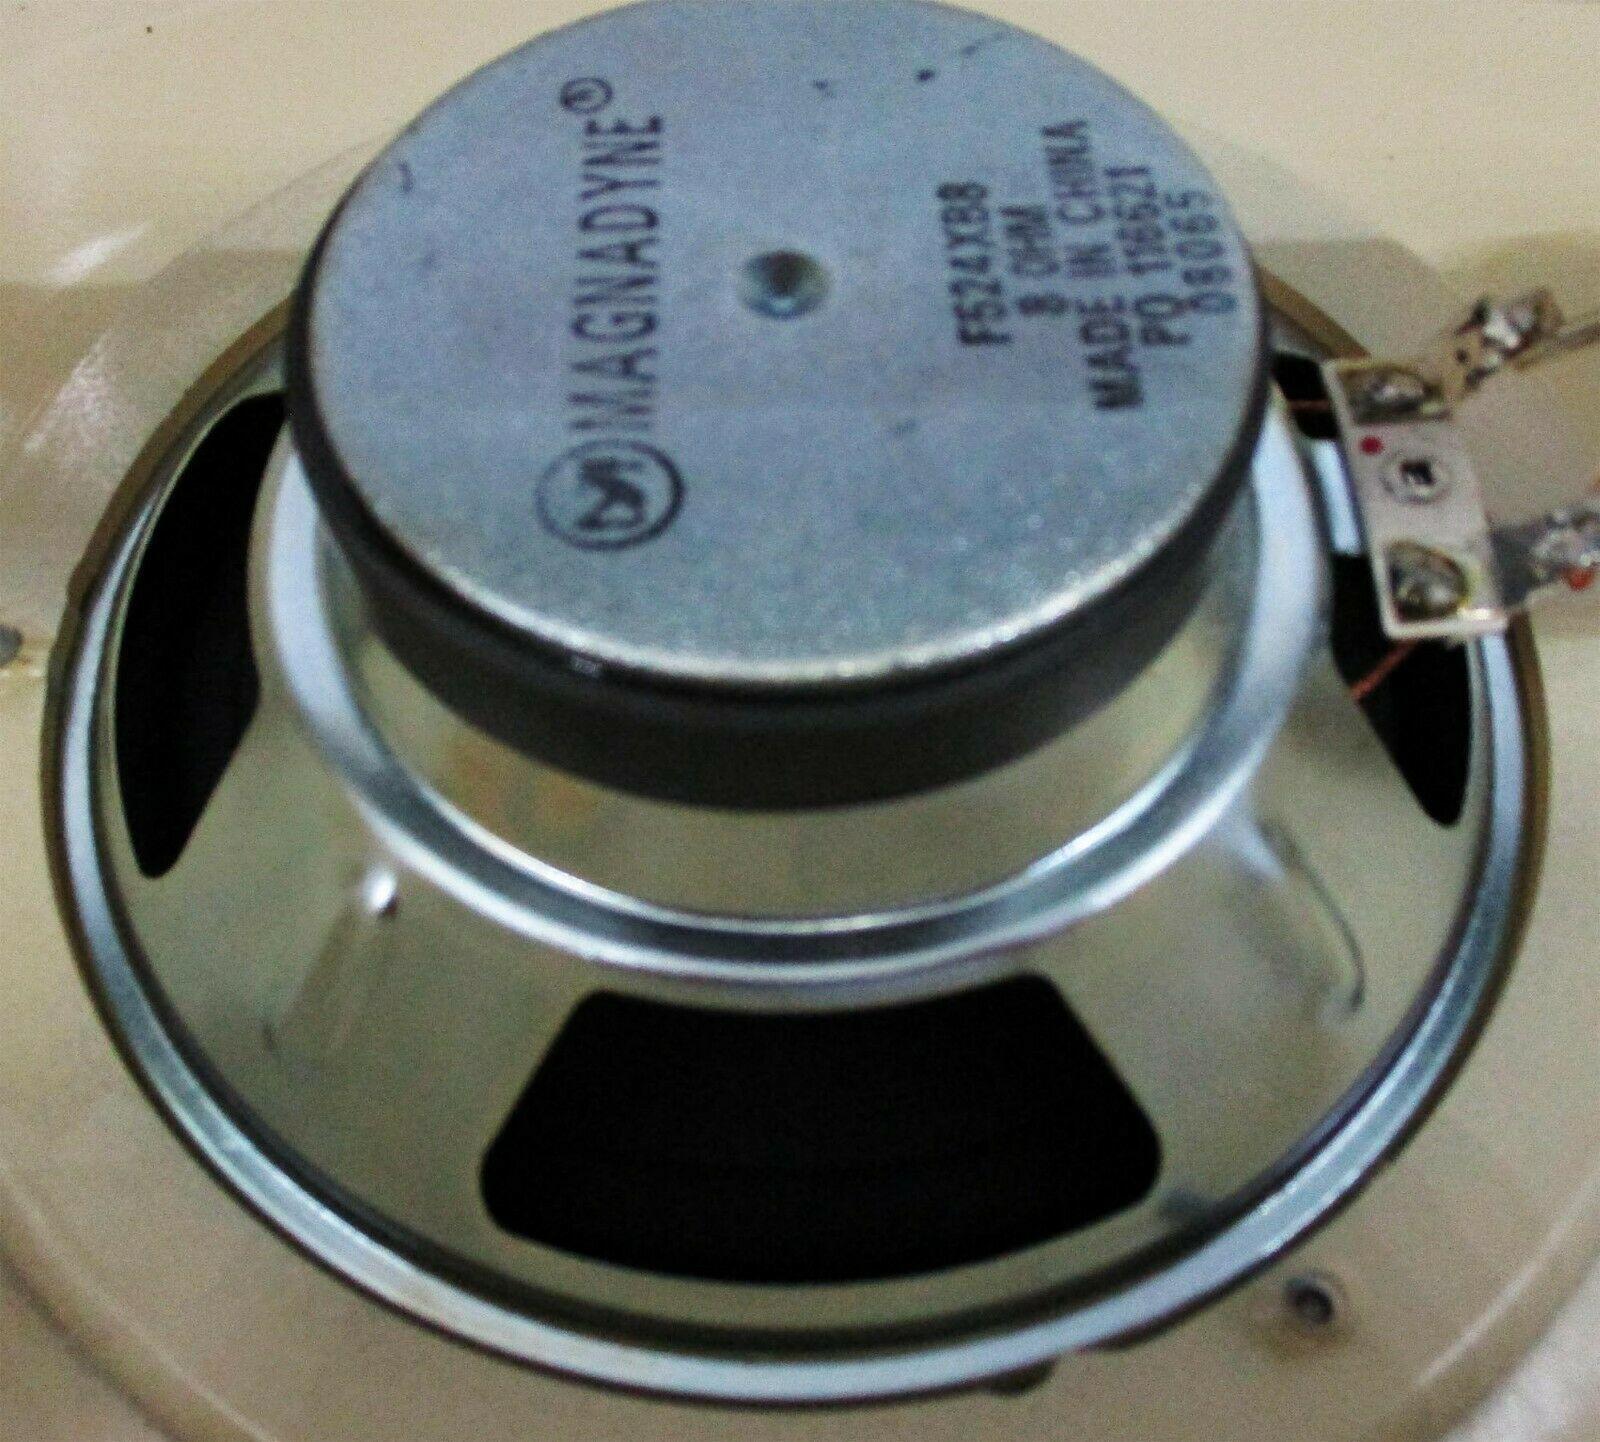 Seeburg Teardrop Jukebox Speaker Beige